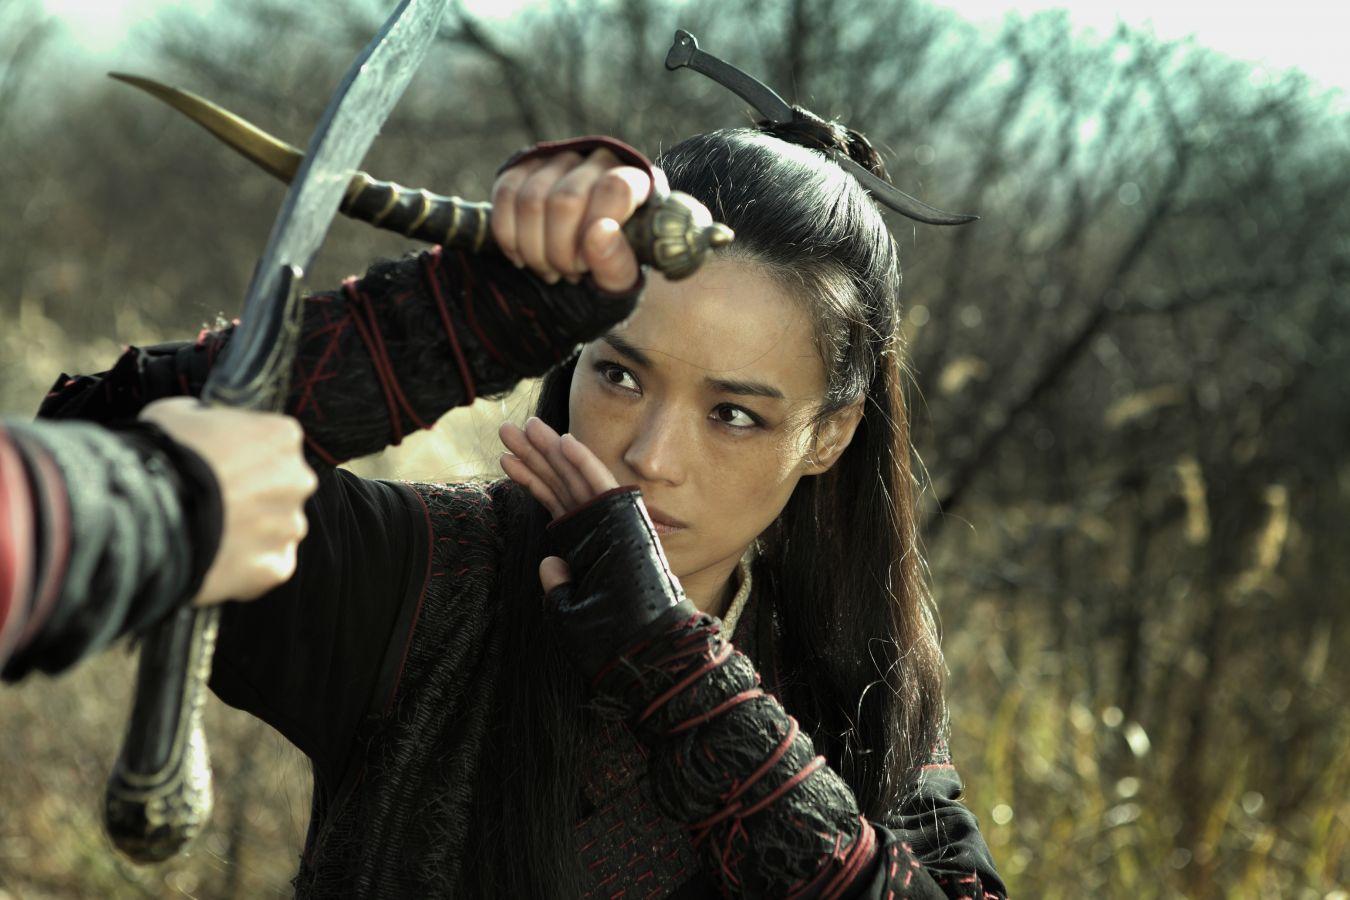 Cena de The Assassin, de Hsiao-Hsien Hou (photo by cine.gr)